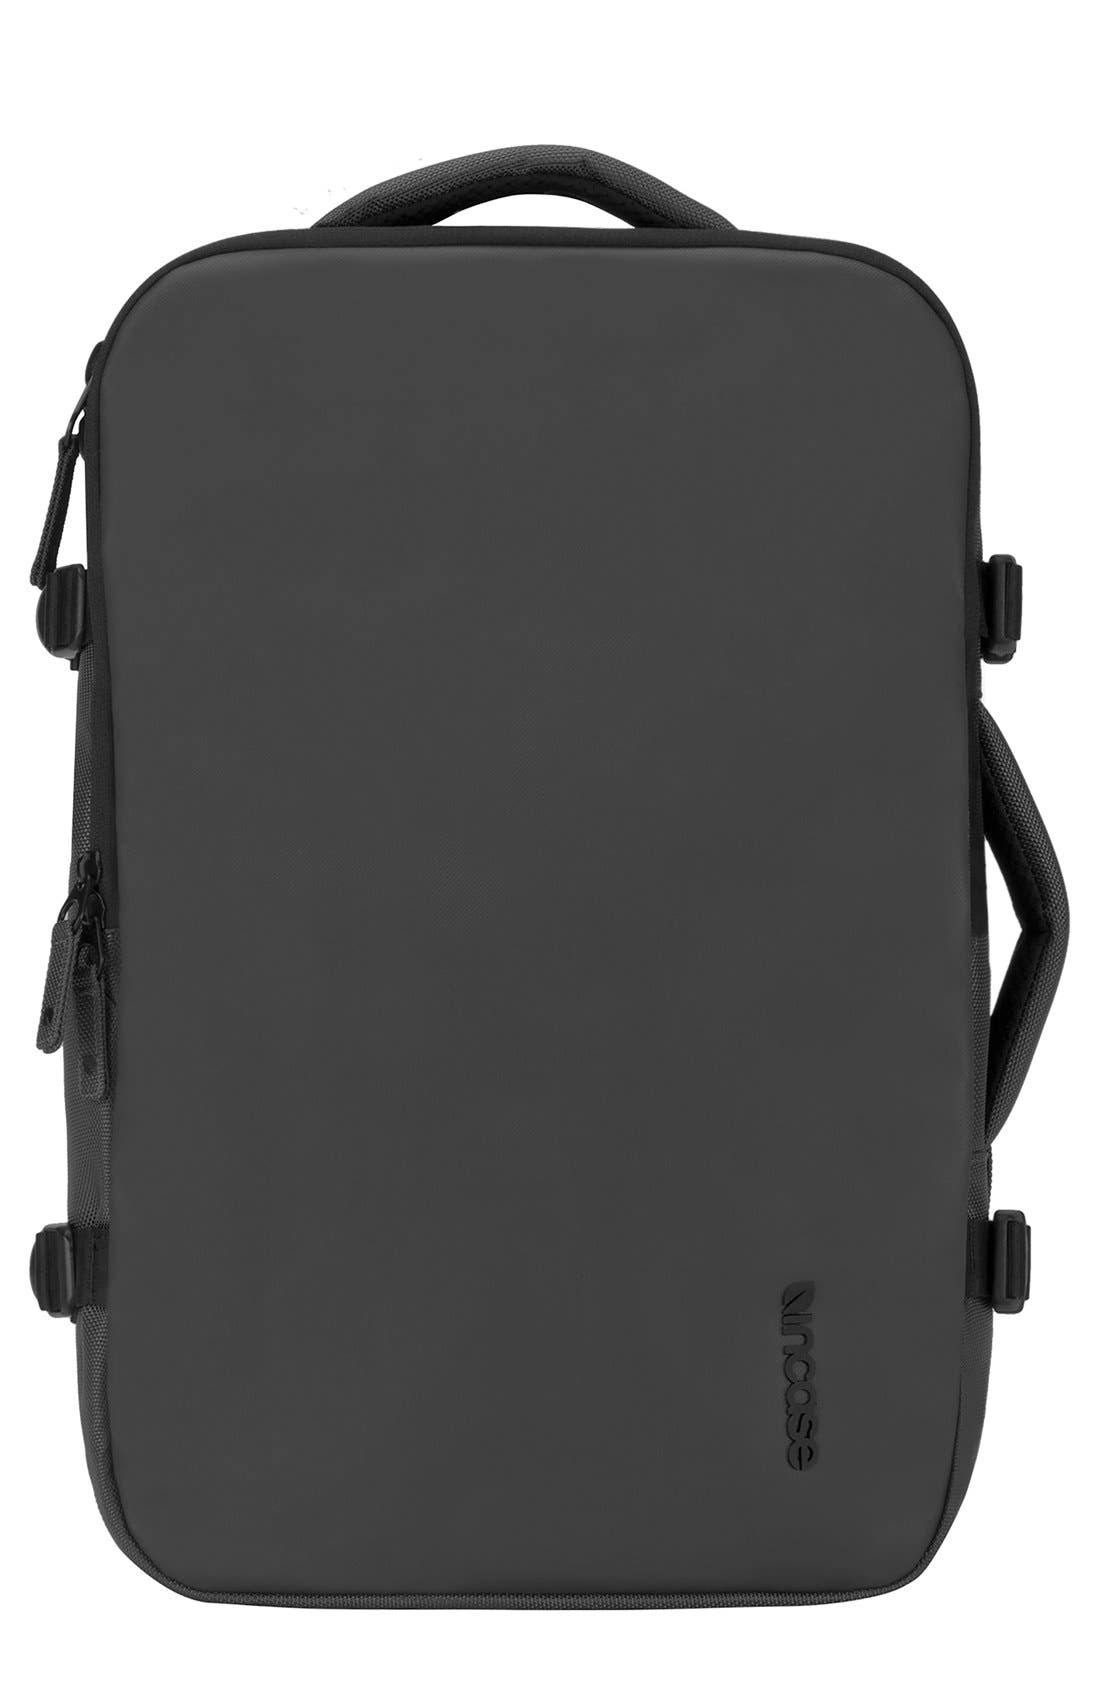 VIA Backpack,                             Main thumbnail 1, color,                             001